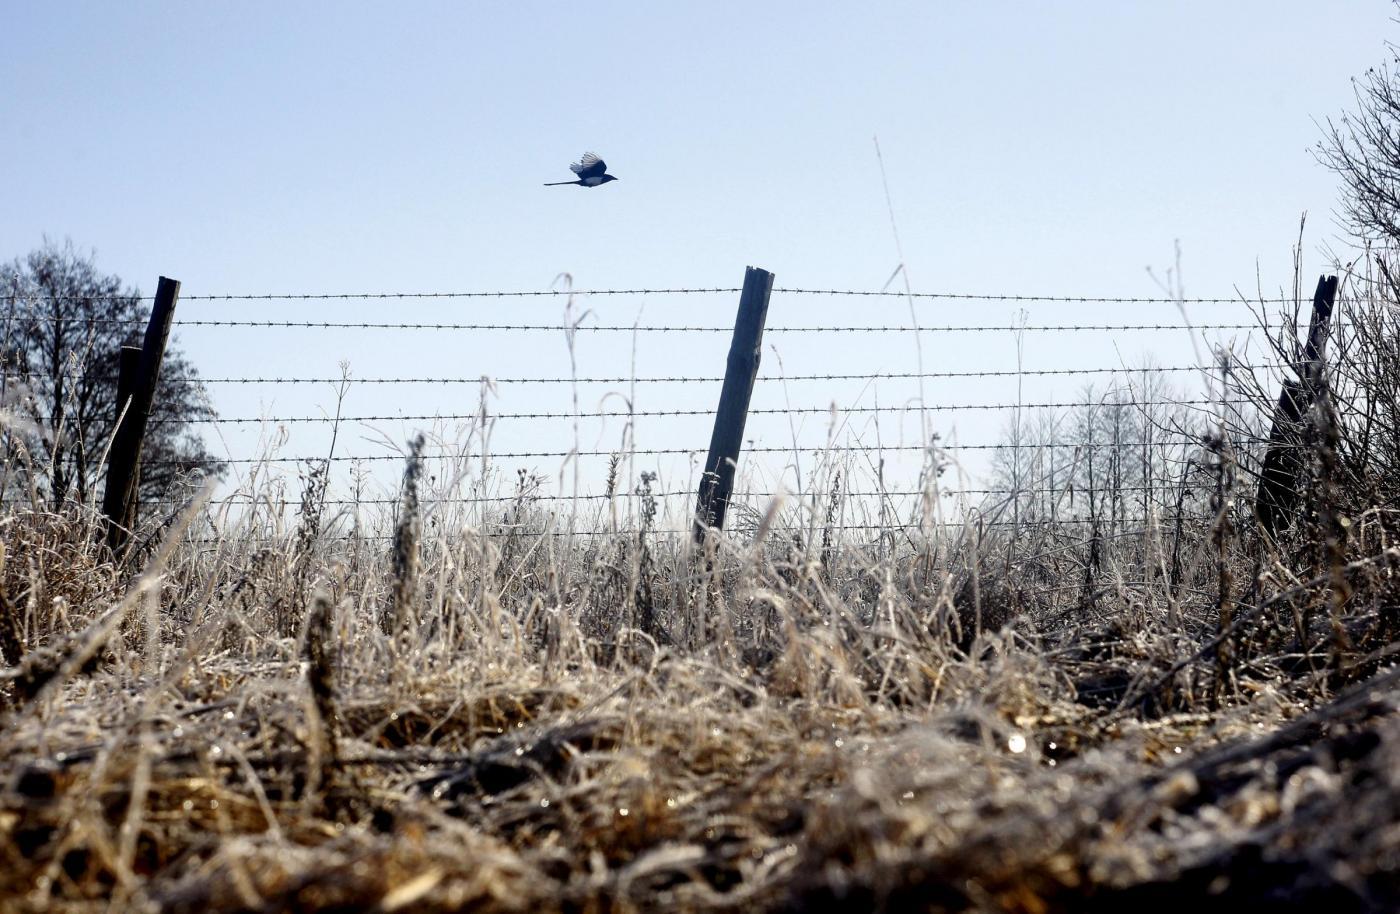 Chernobyl, Natura si riprende i luoghi del disastro adattandosi alle radiazioni